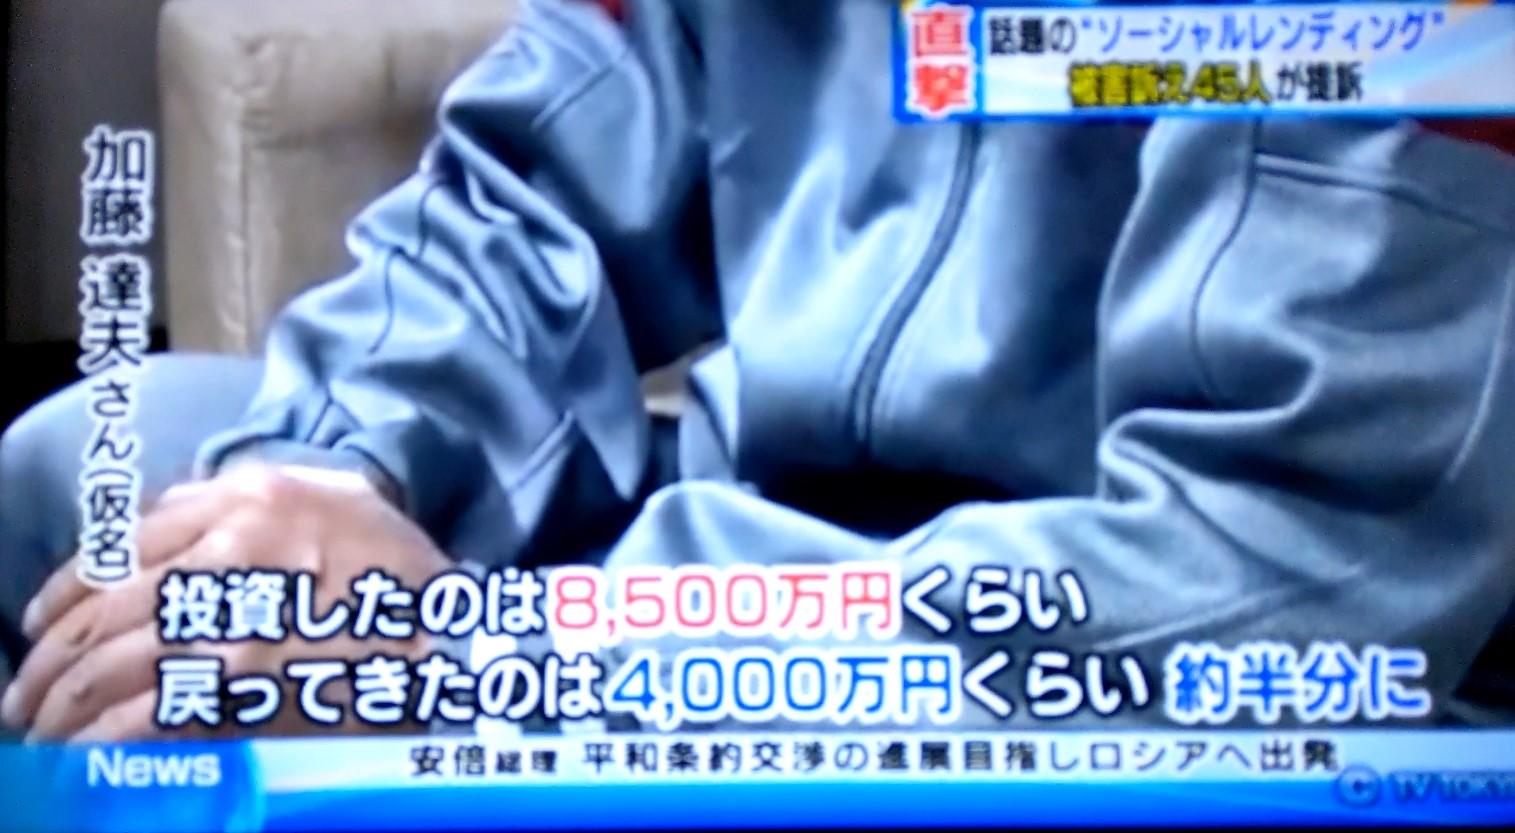 03_ラッキーバンクゆうがたサテライト